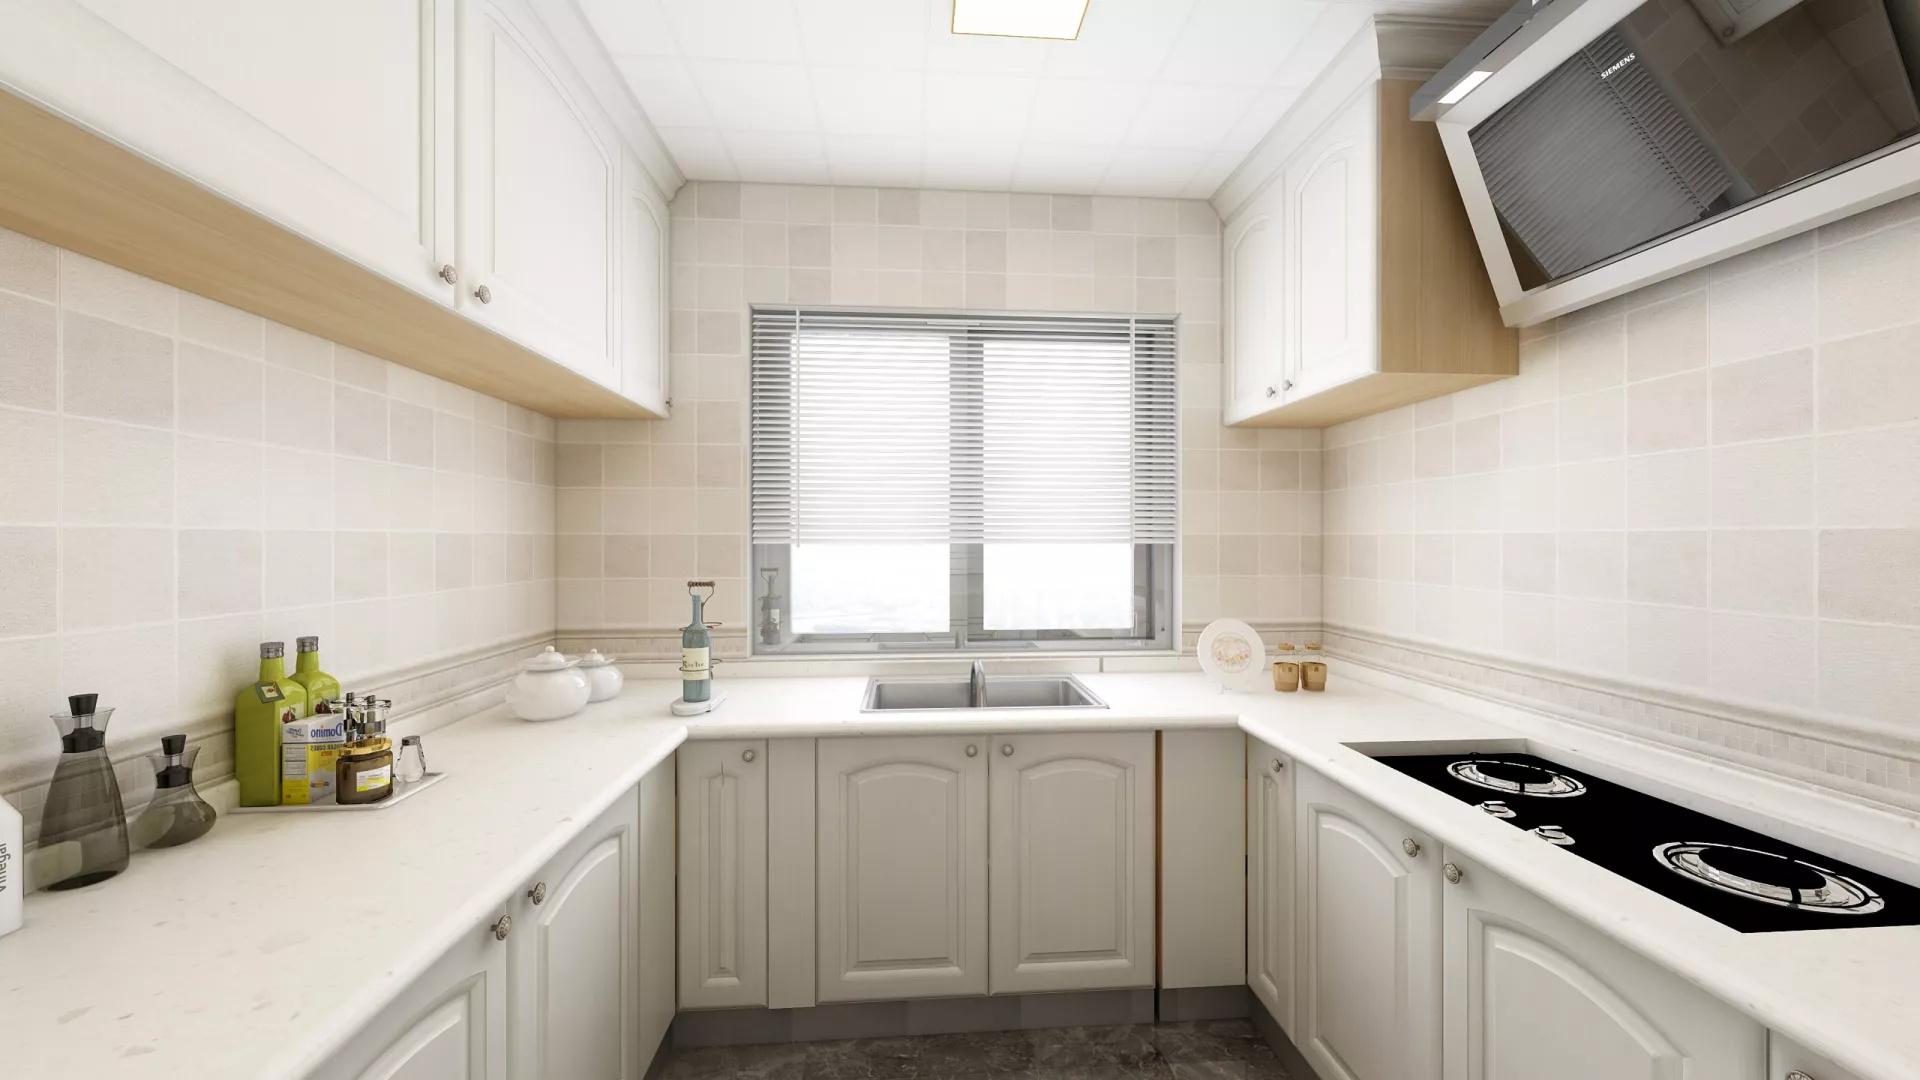 小卫生间如何装修设计 远离卫生间潮湿